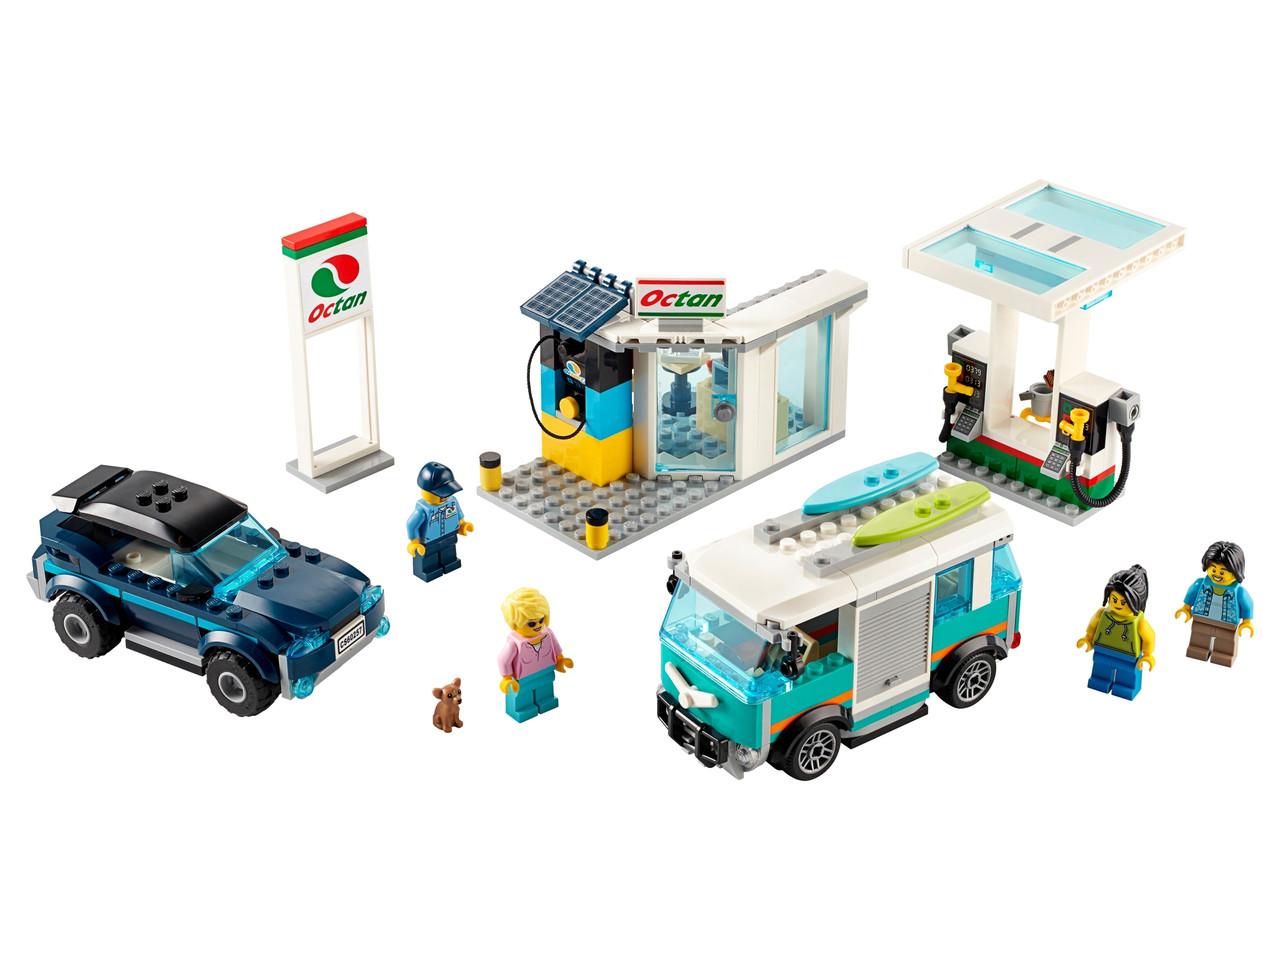 Конструктор LEGO Станция технического обслуживания 354 деталей (60257)